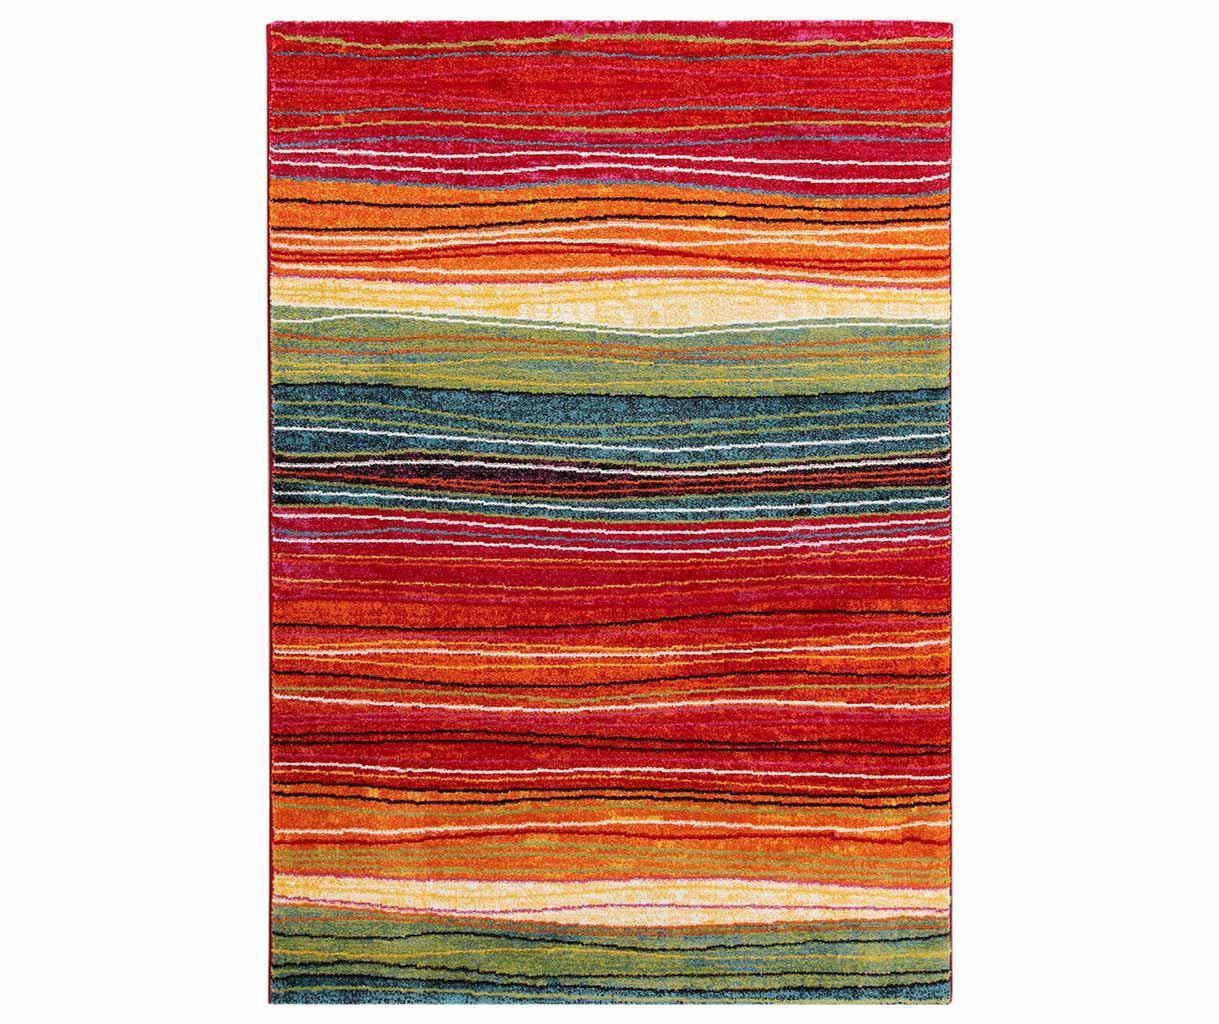 Covor Gioia Cane 200x200 cm - Viva, Multicolor imagine